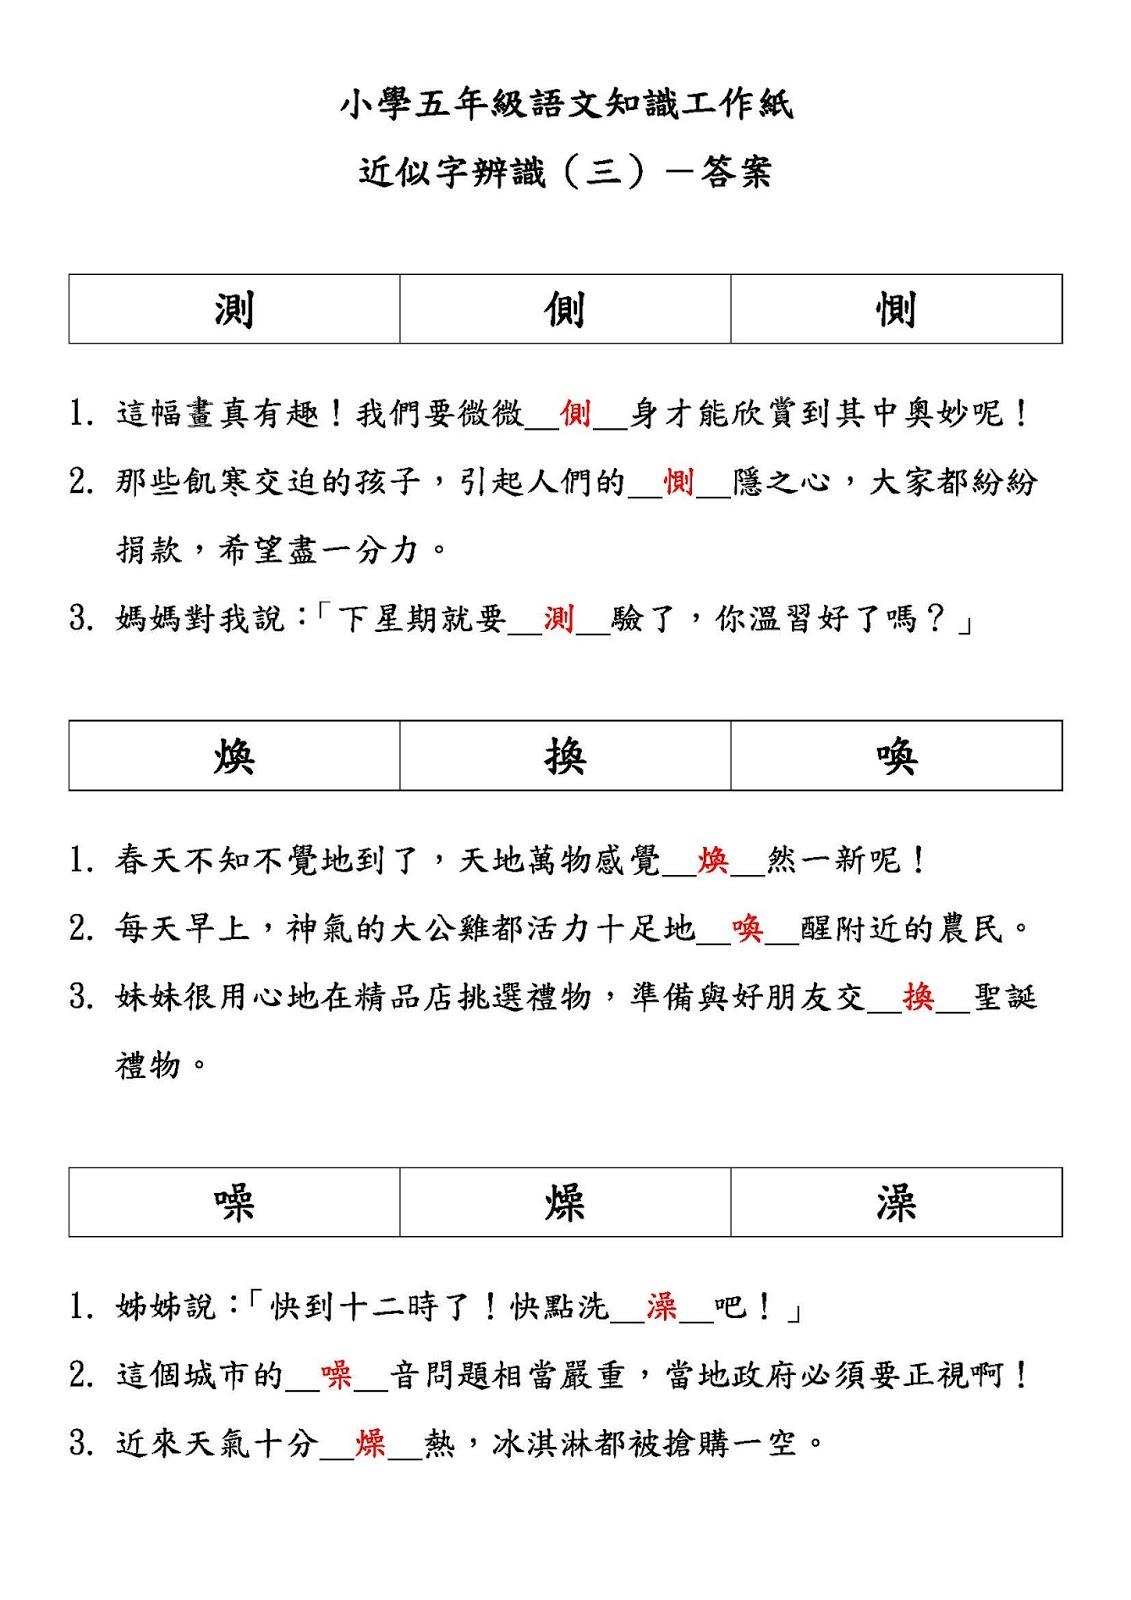 小五語文知識工作紙:近似字辨識(三)|中文工作紙|尤莉姐姐的反轉學堂